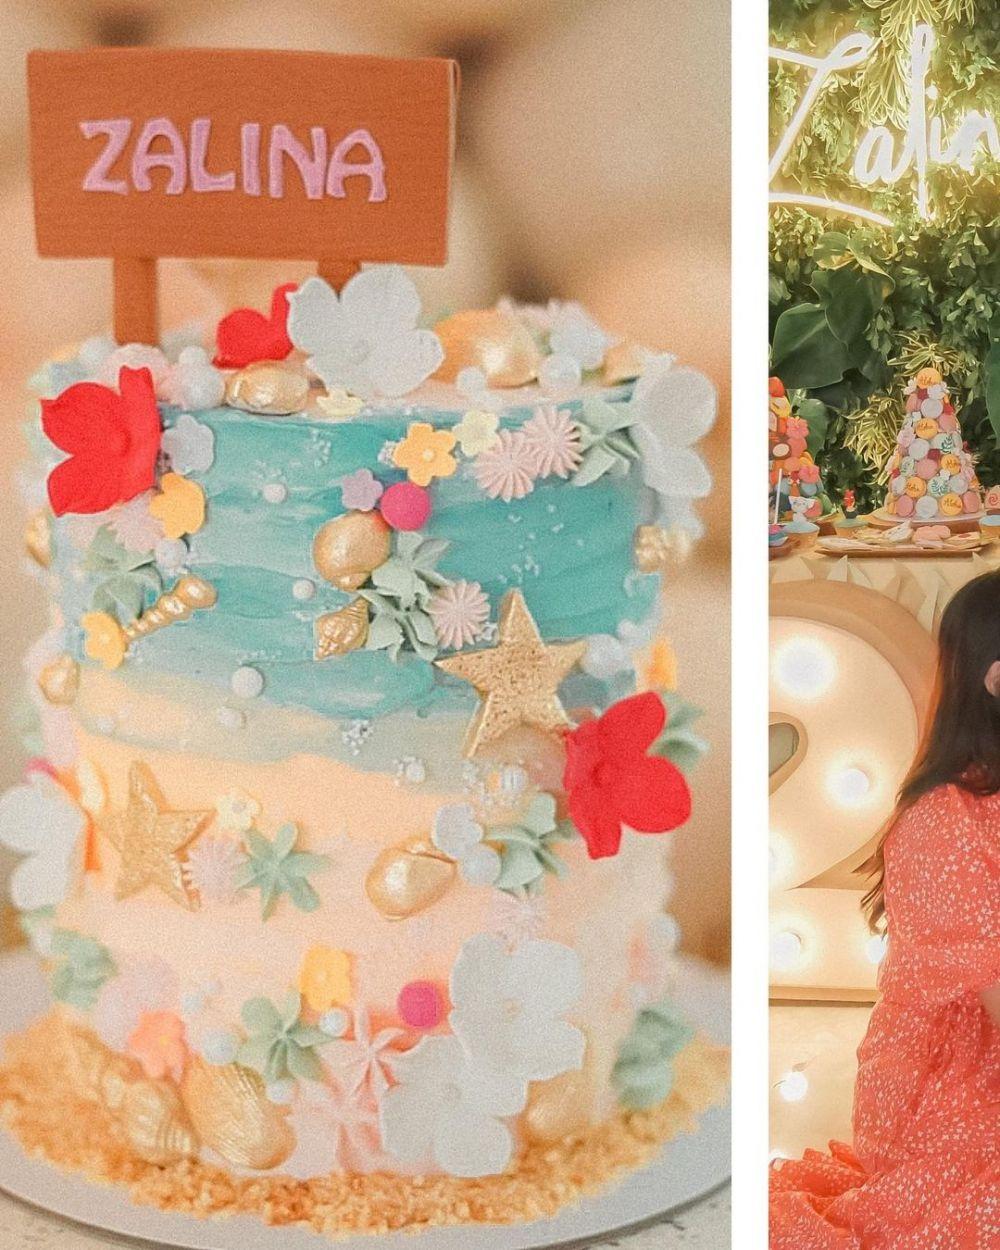 Momen ulang tahun ke-2 Zalina Instagram